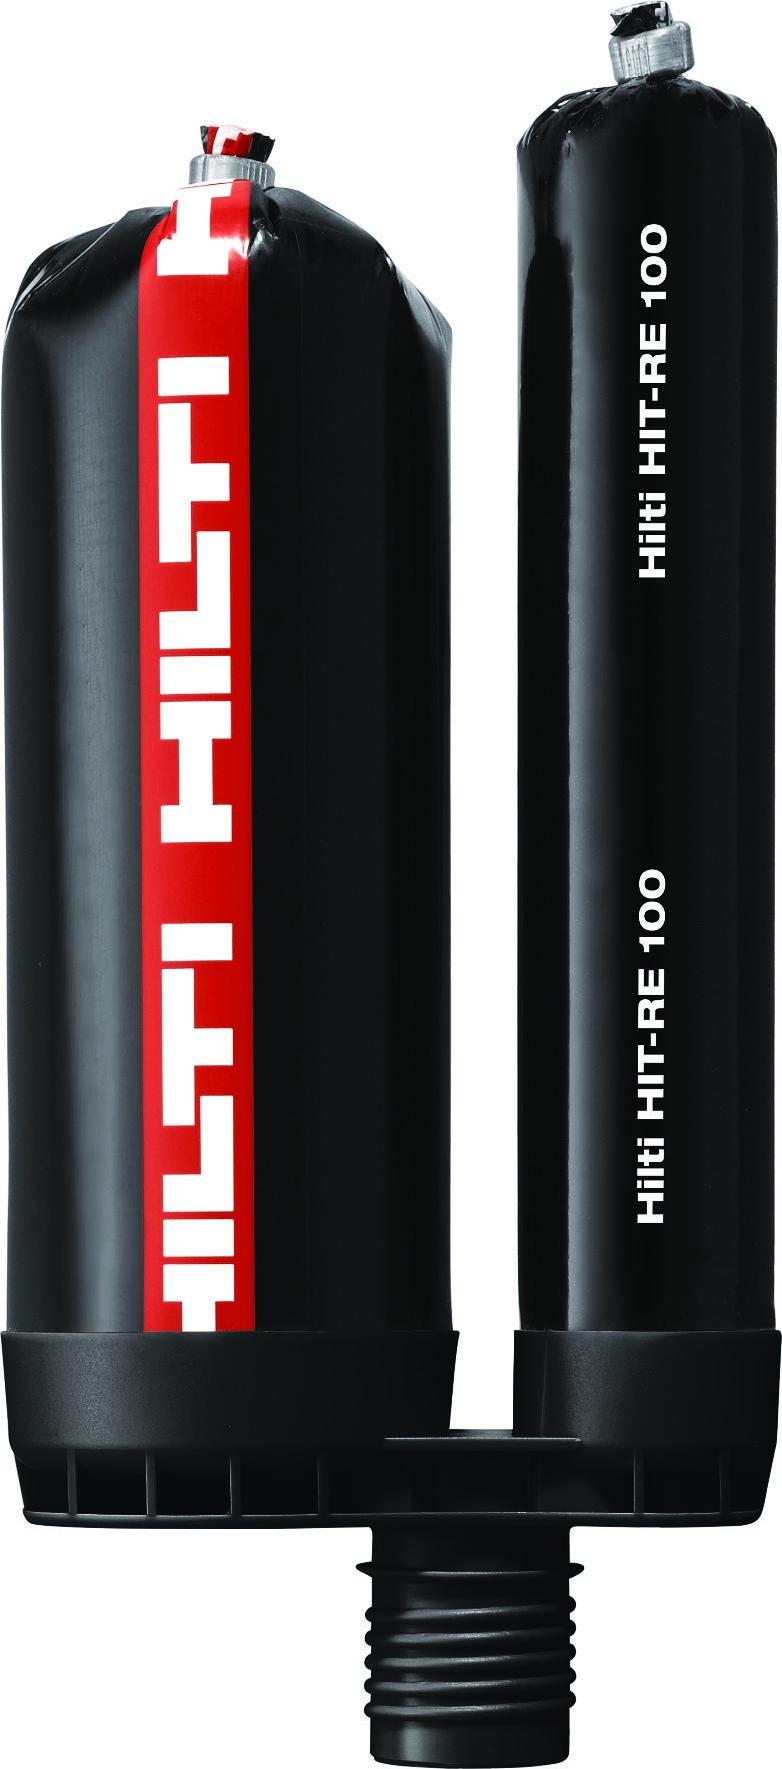 ảnh sản phẩm Hóa chất Hilti-HIT RE 100